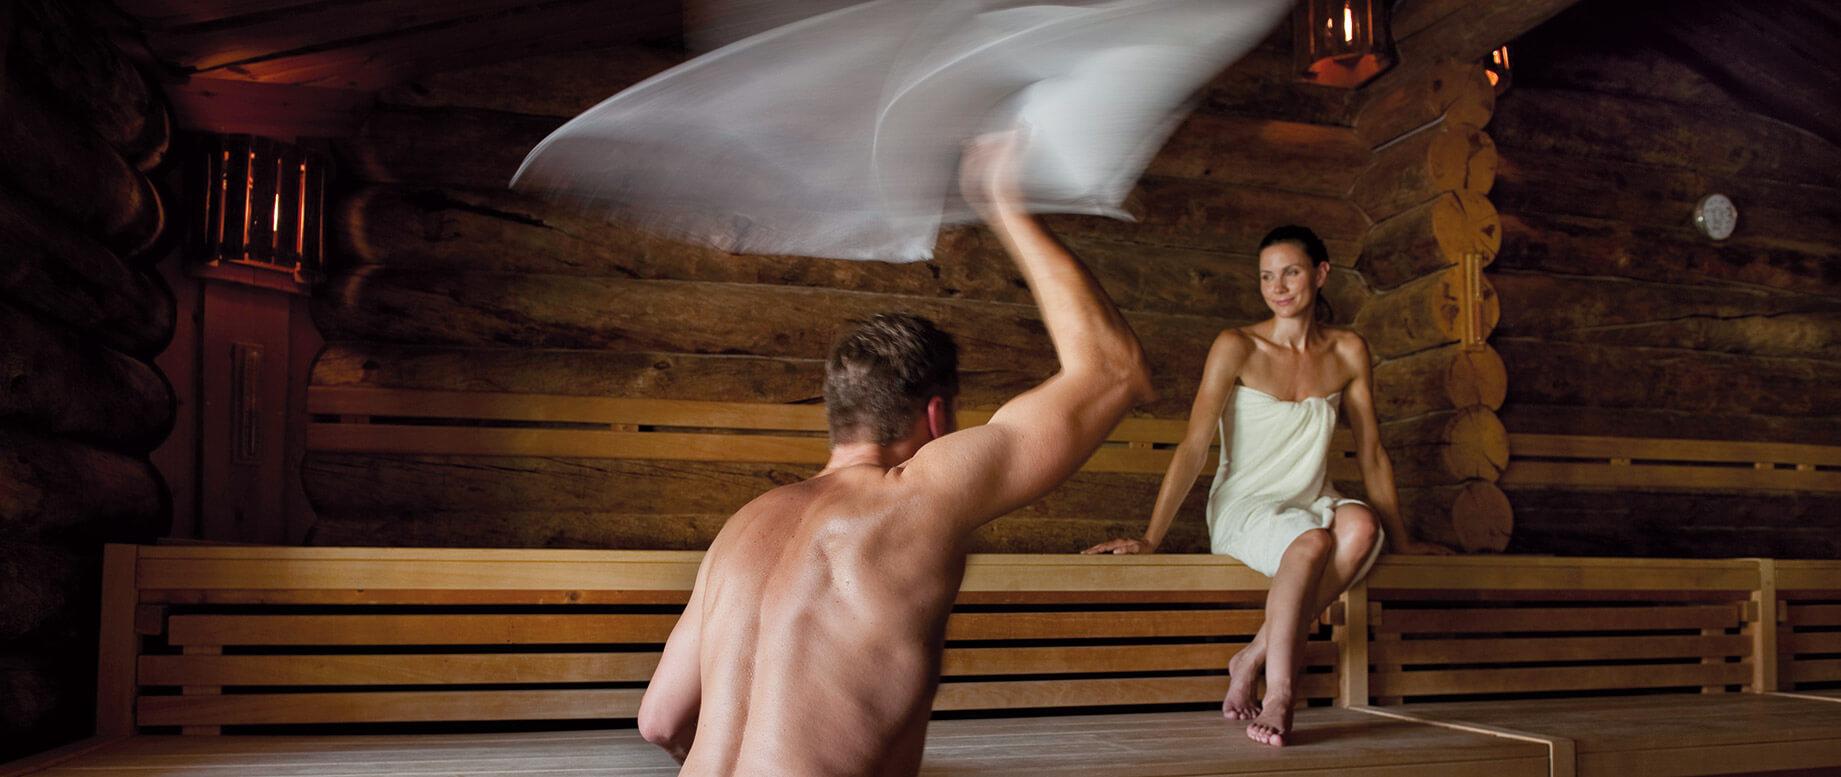 In der sauna einen steifen Mit Herzschrittmacher